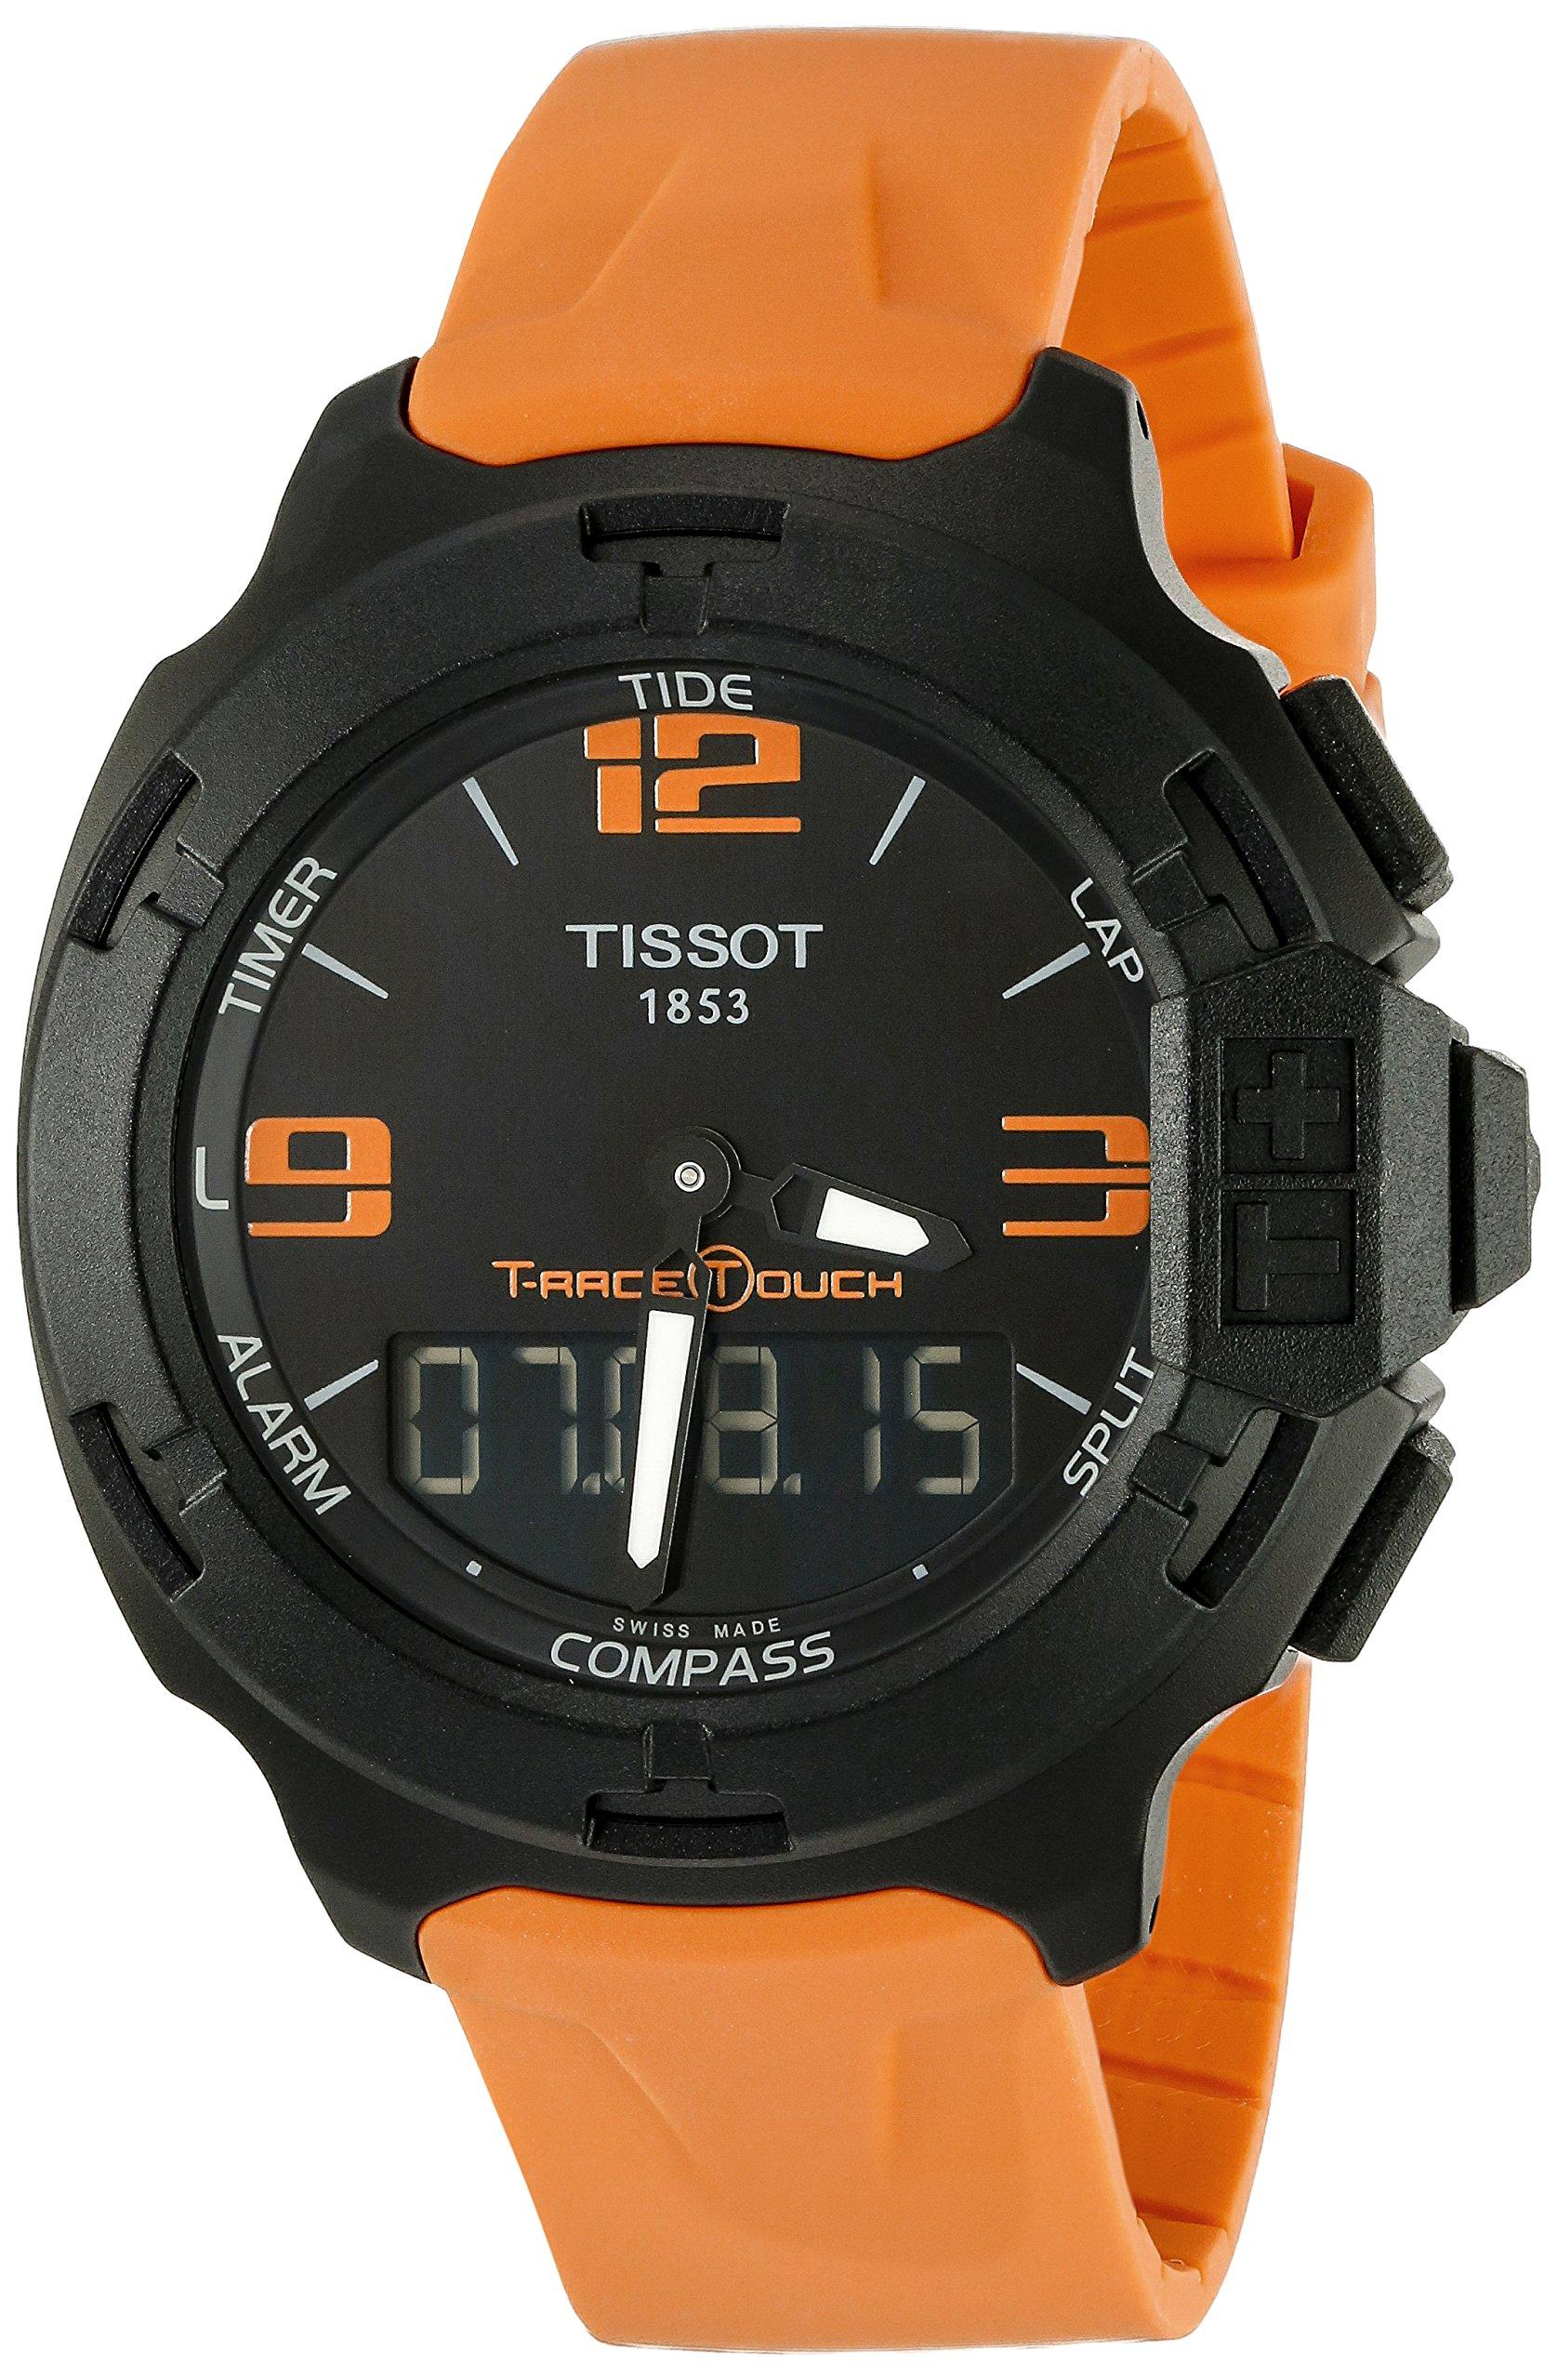 Tissot T0814209705702 – Reloj de pulsera hombre, Caucho, color Naranja